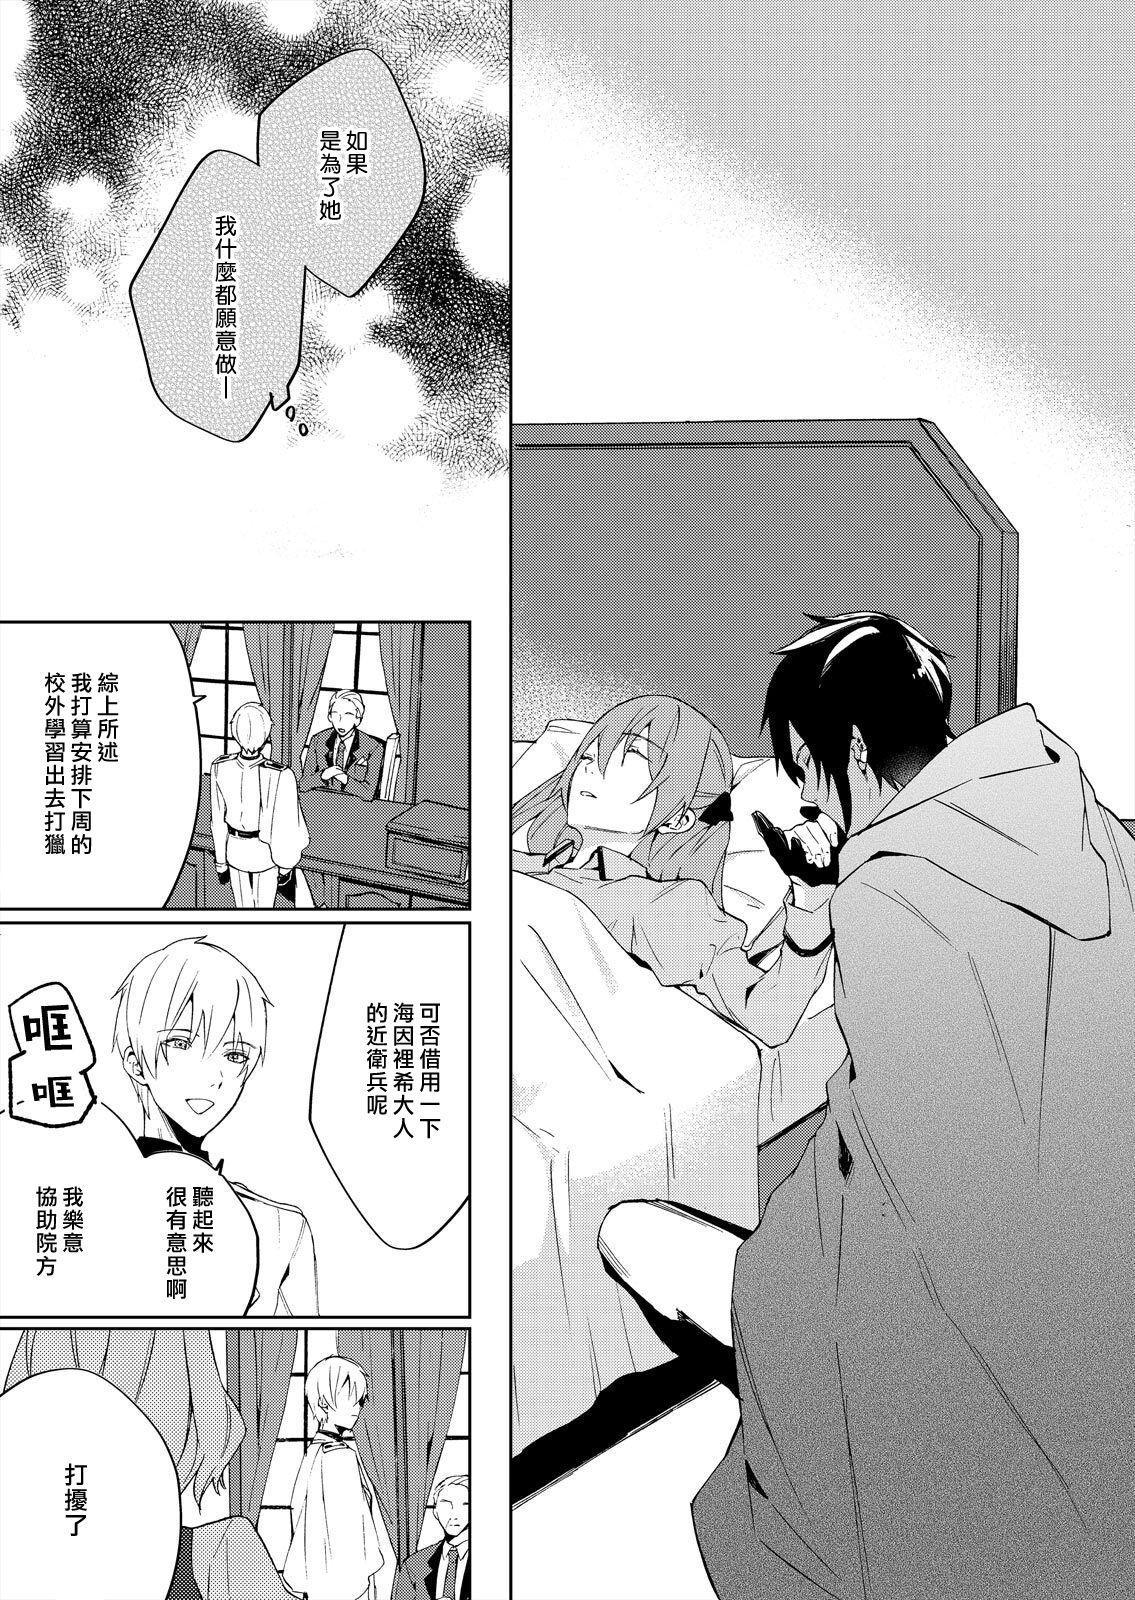 [Yuzushiwo] Akuyaku Reijou wa Ichizu ni Dekiai sarete ~Noumitsu Sex no Aite wa Juuboku~ | 被疯狂溺爱的反派大小姐~浓密性爱对象是仆从~ 1-4 [Chinese] [莉赛特汉化组] 36